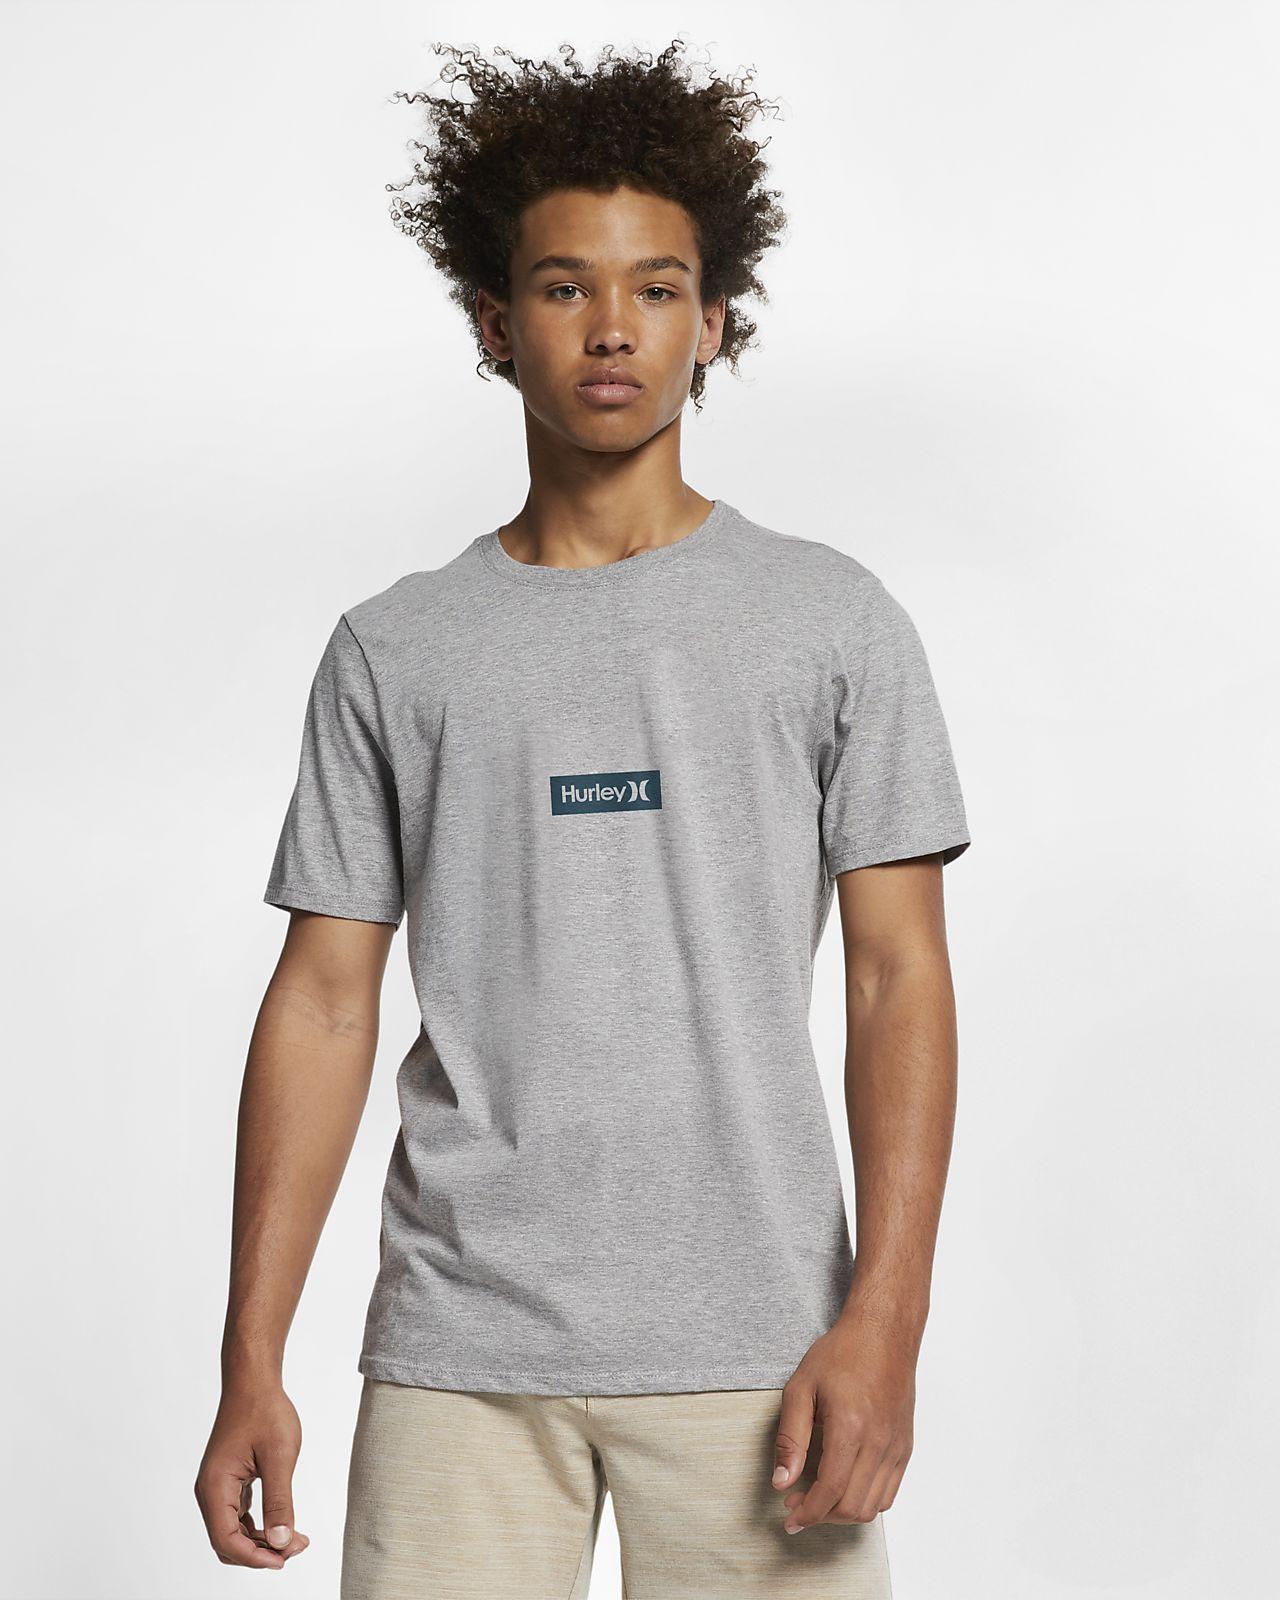 Pánské tričko Hurley Premium One And Only Small Box s prémiovým střihem